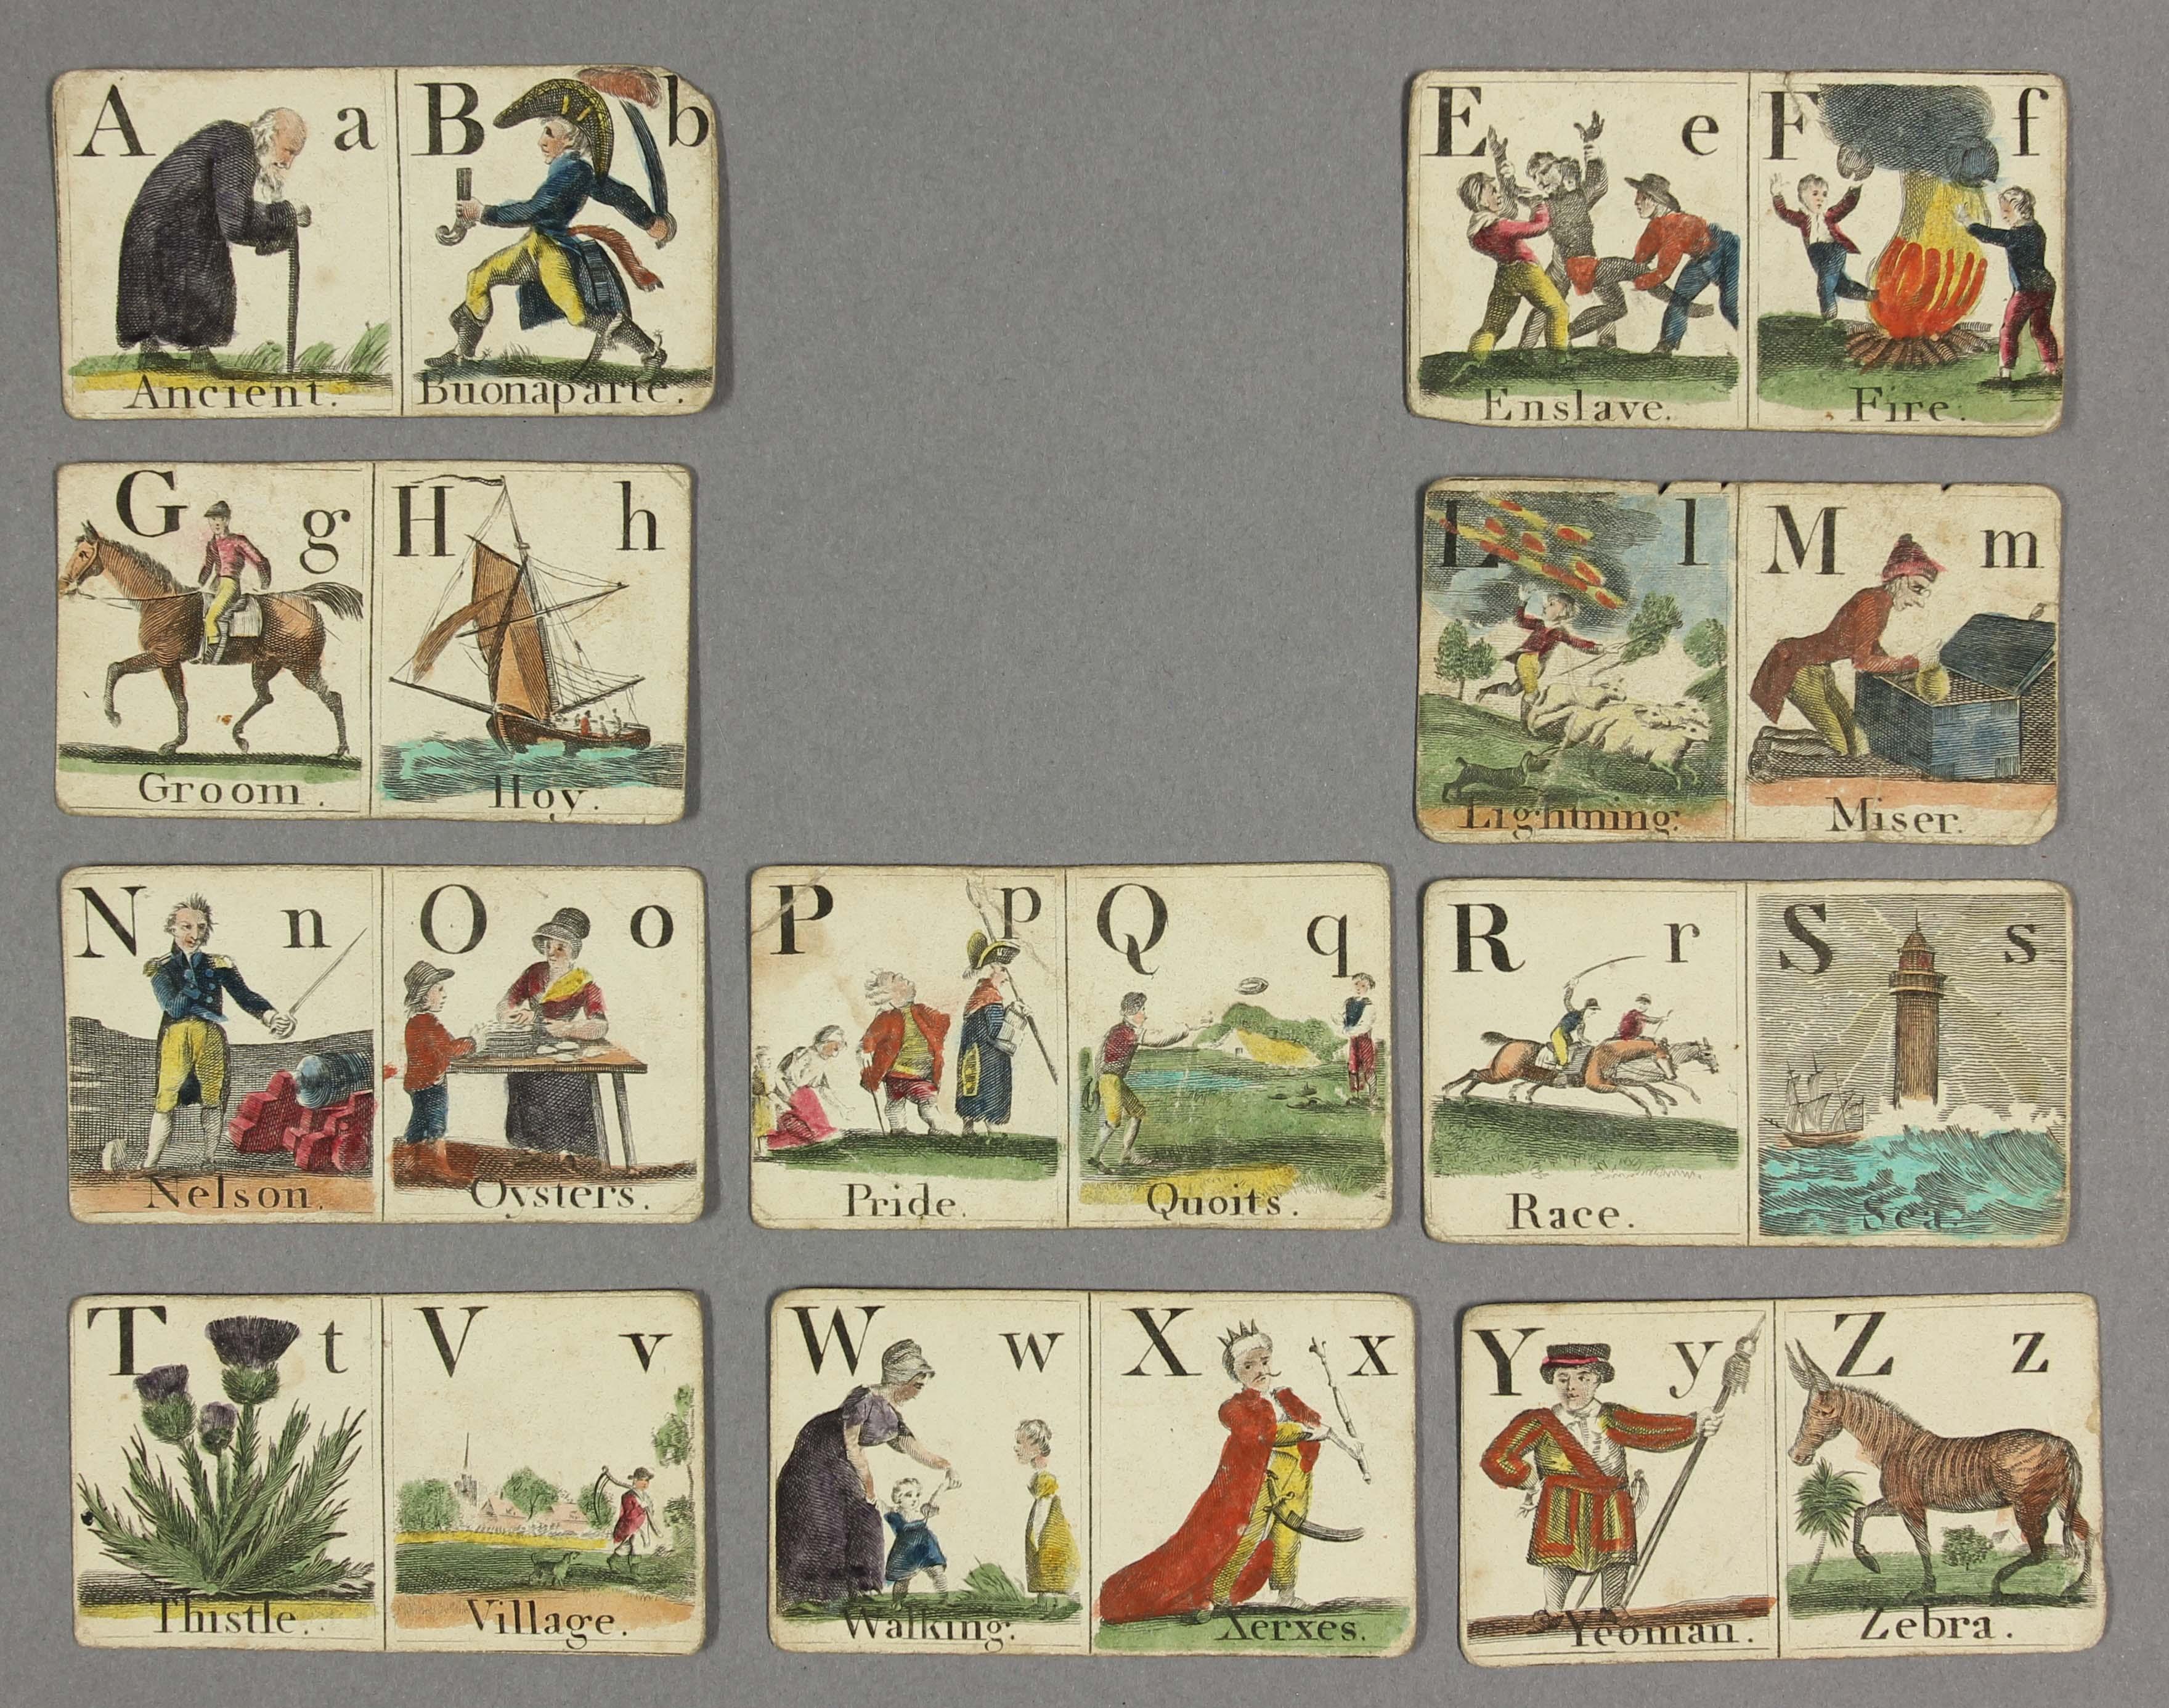 Darton alphabet cards, c.1810. Ballam Collection, Bodleian Library